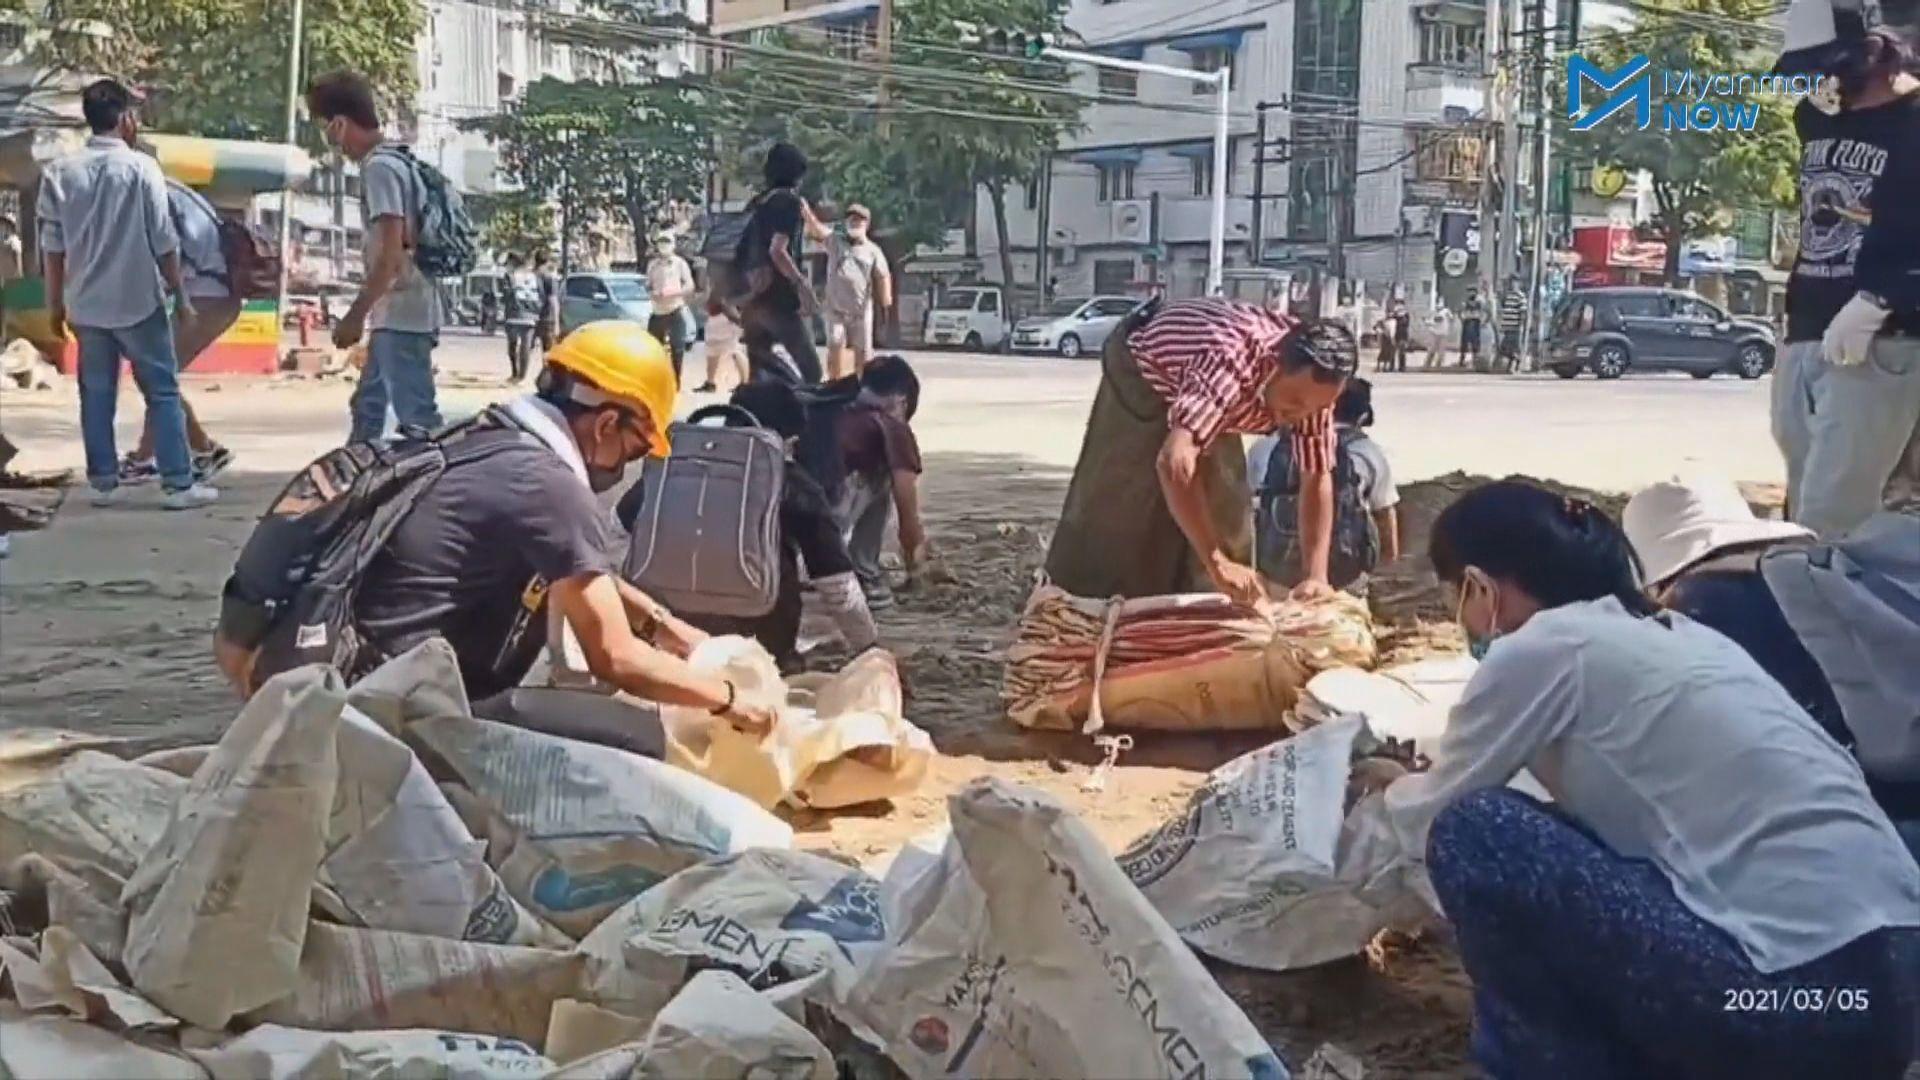 緬甸反軍事政變示威持續 報道指再有示威者中槍死亡